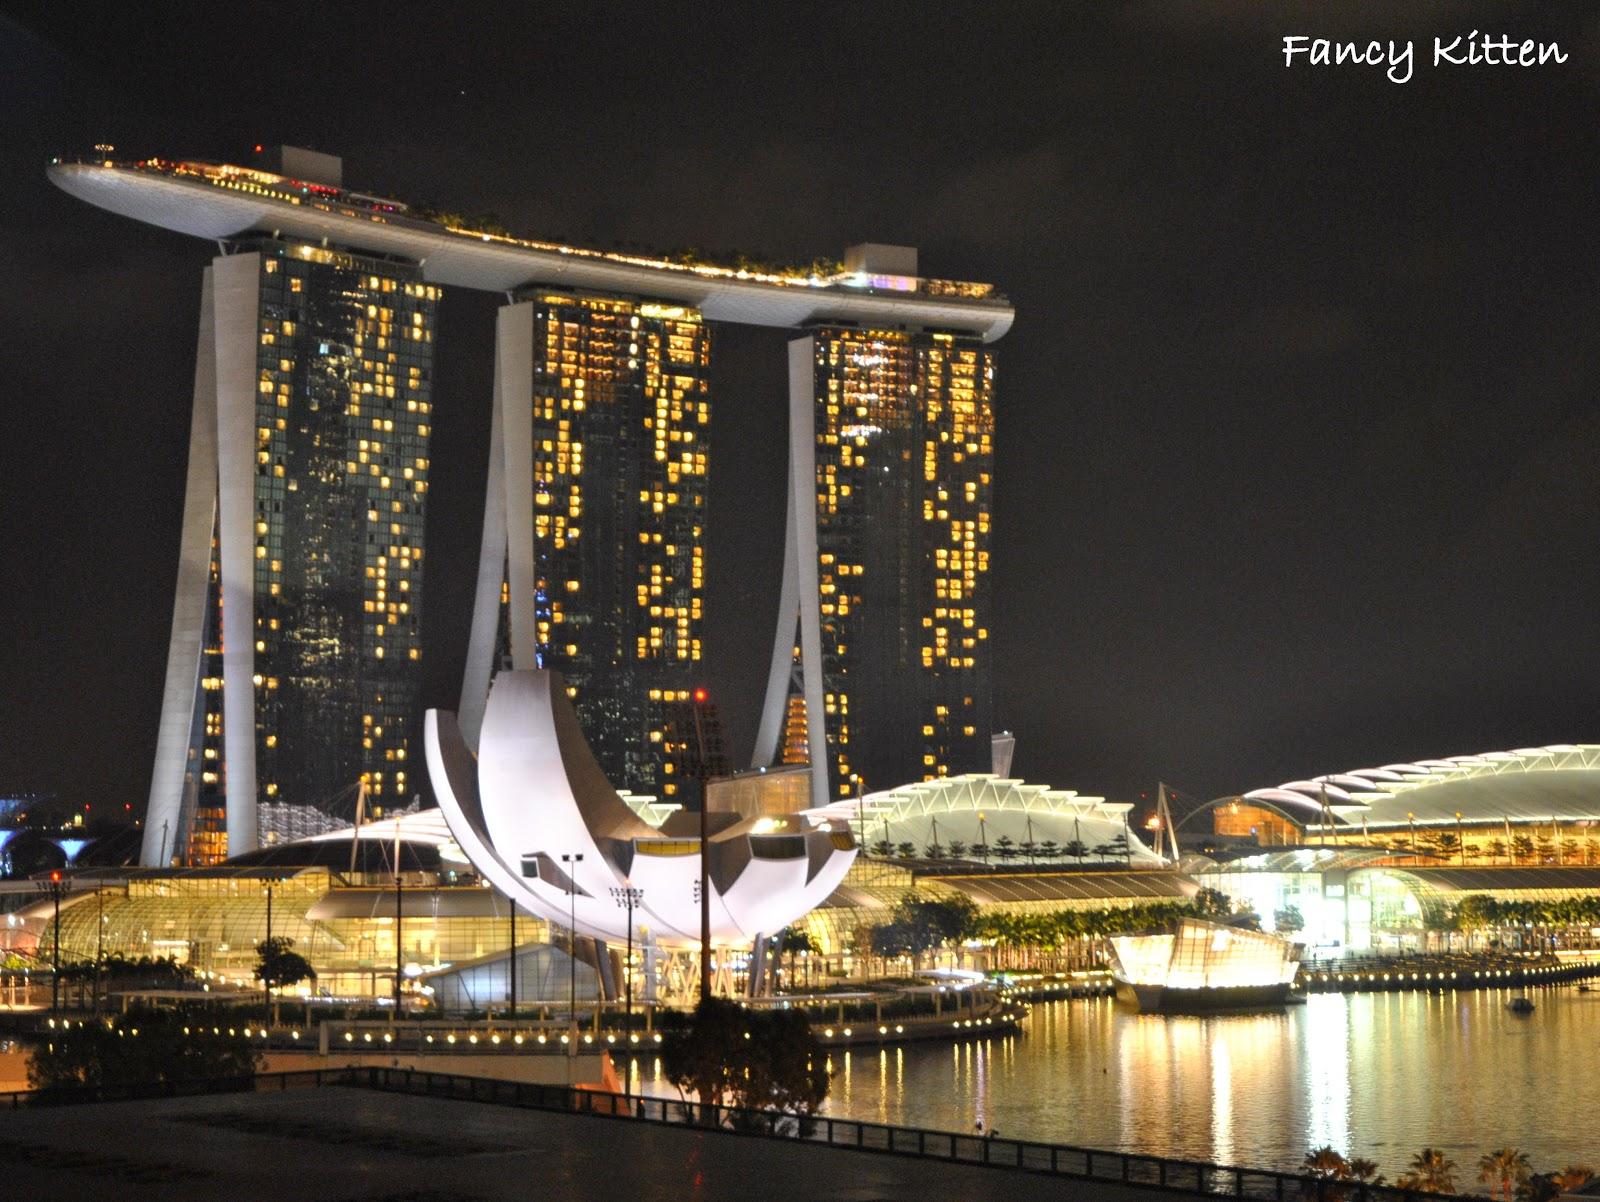 קניות בסינגפור איפור וטיפוח | Singapore Shopping